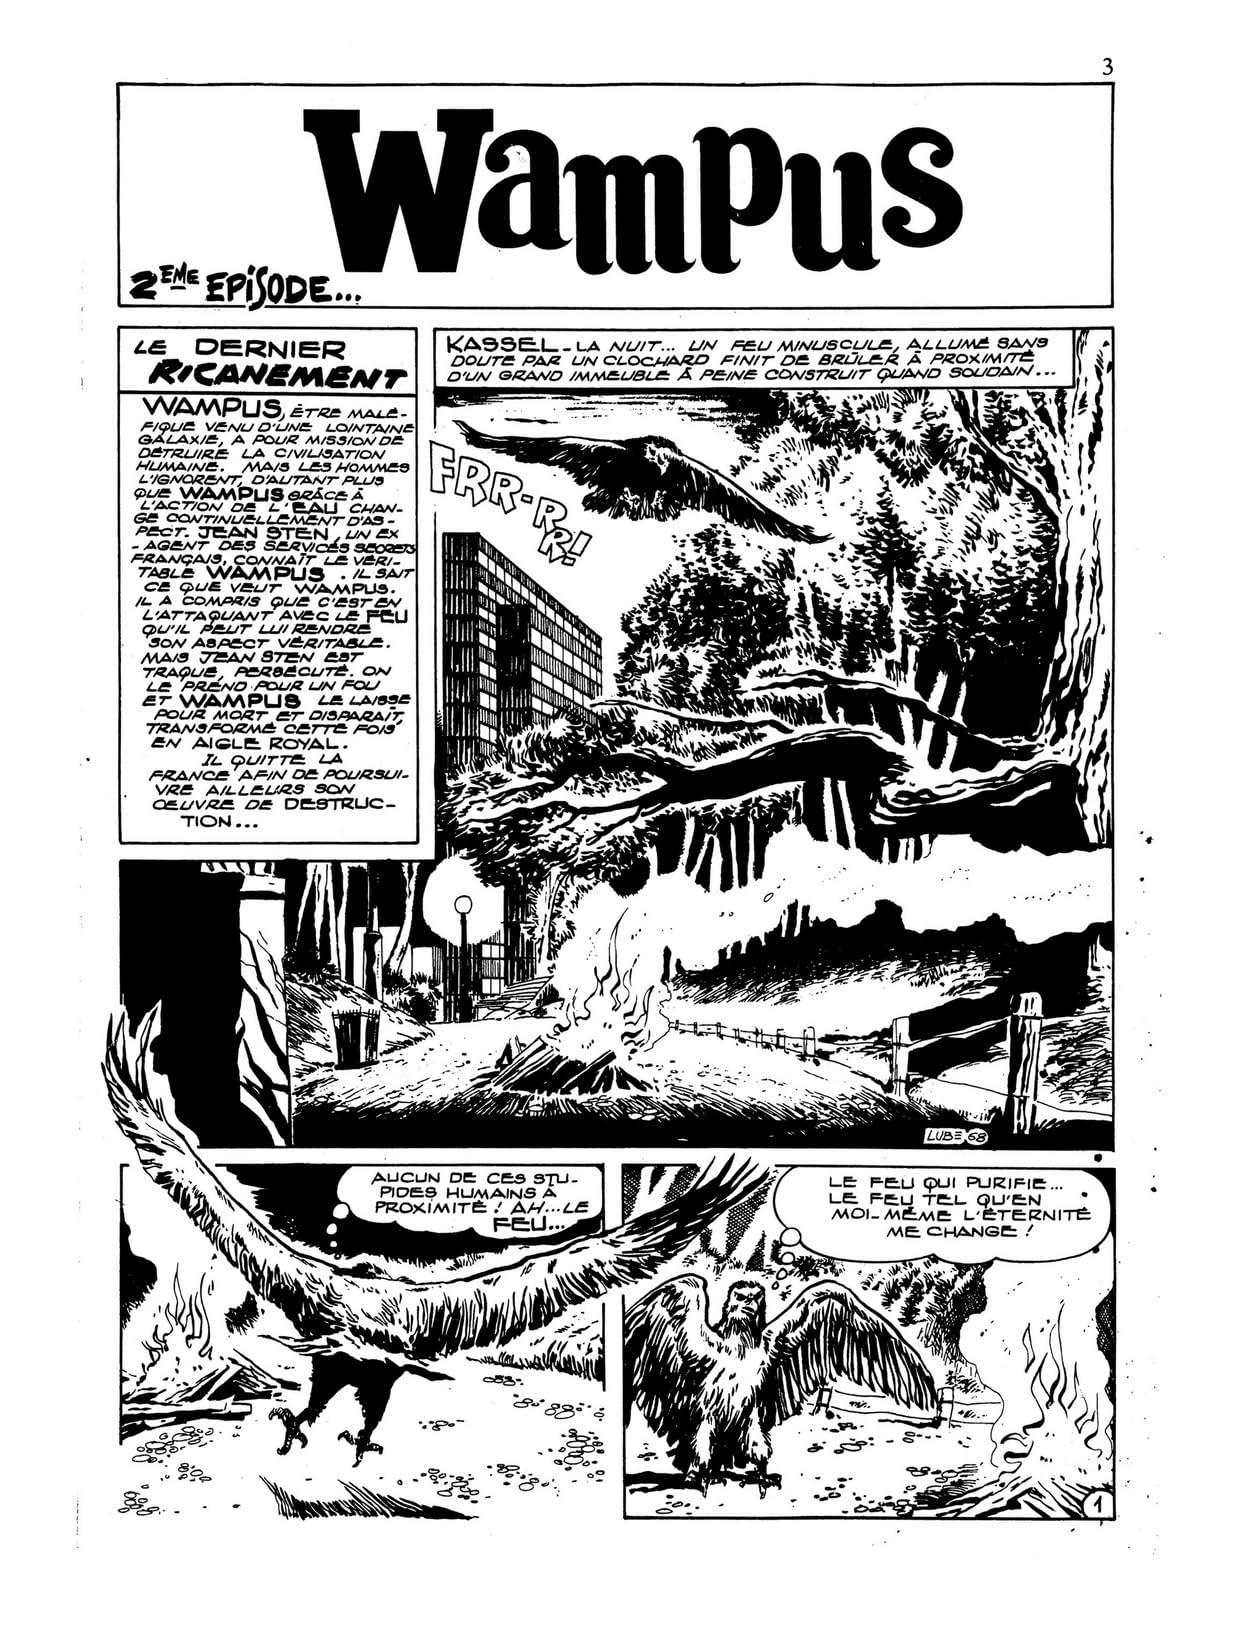 WAMPUS Vol. 2: Le Dernier ricanement